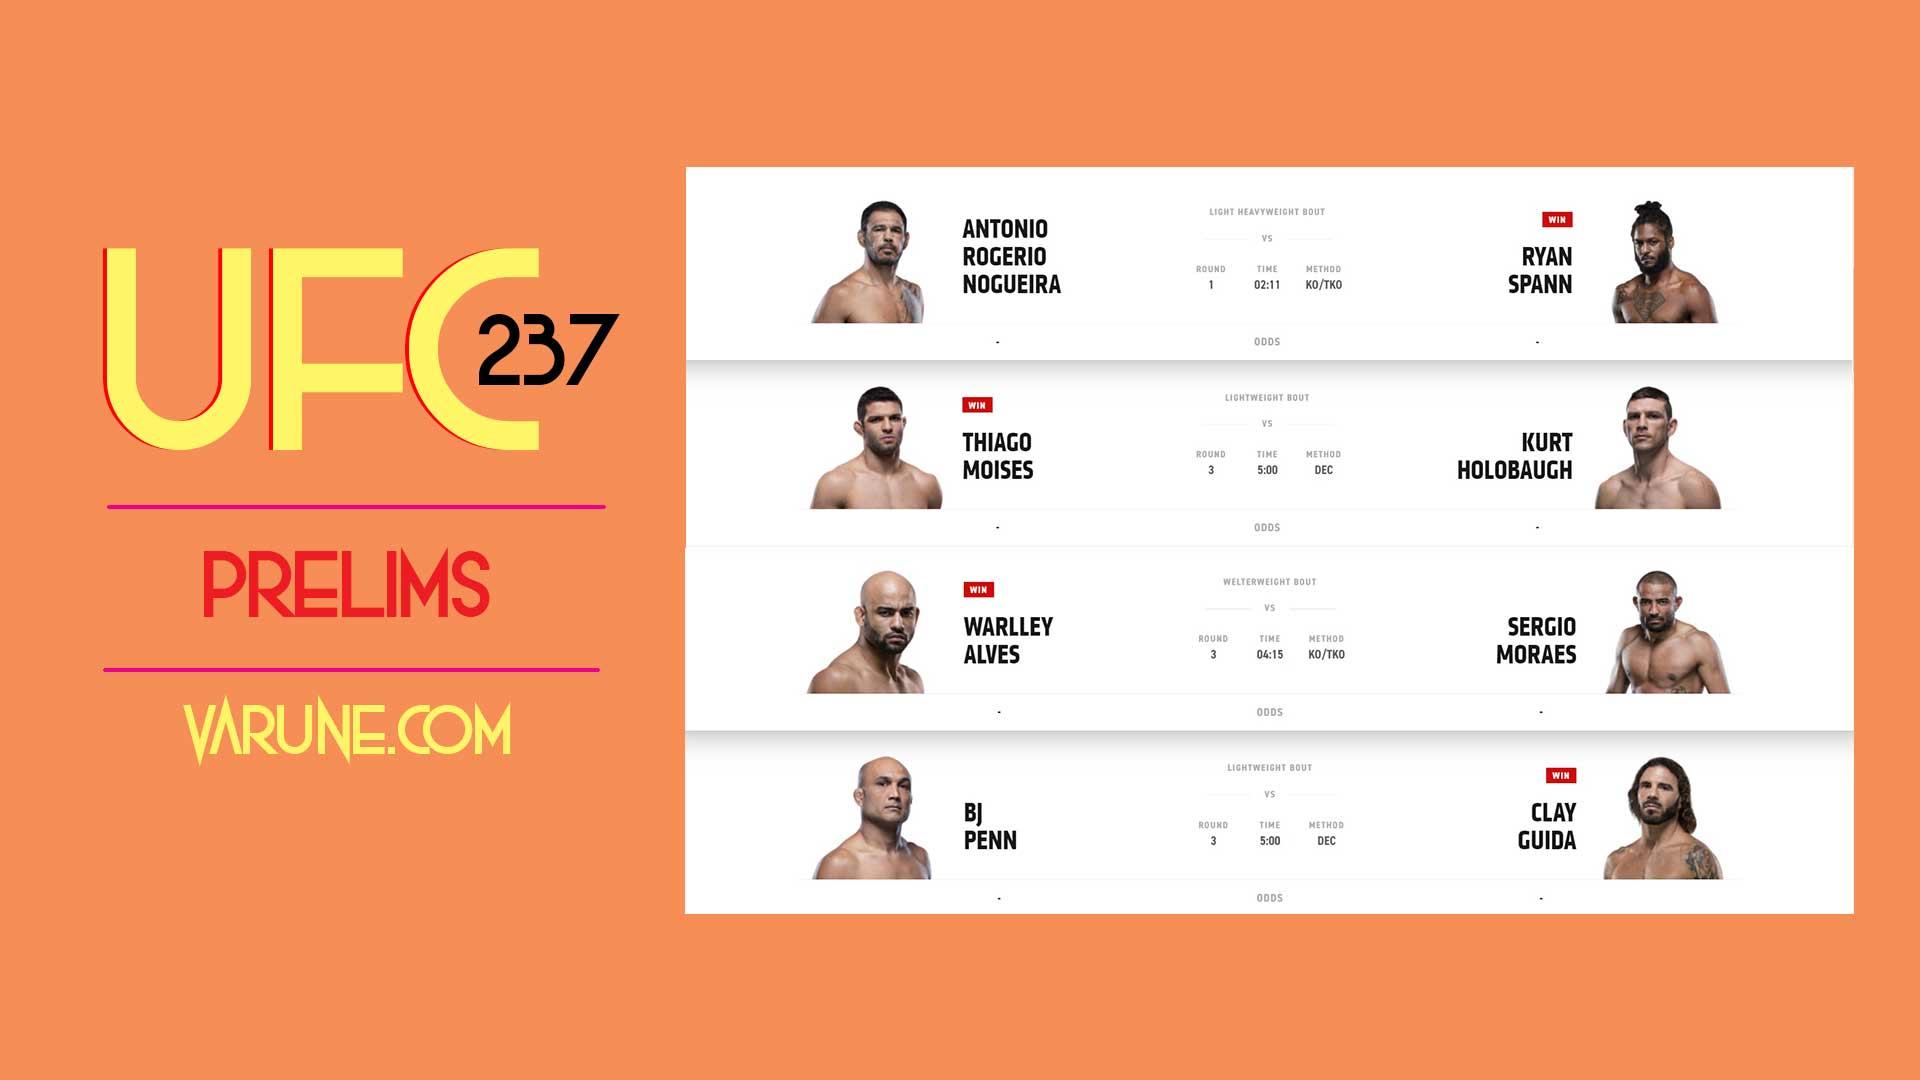 نگاهی به مبارزات UFC 237